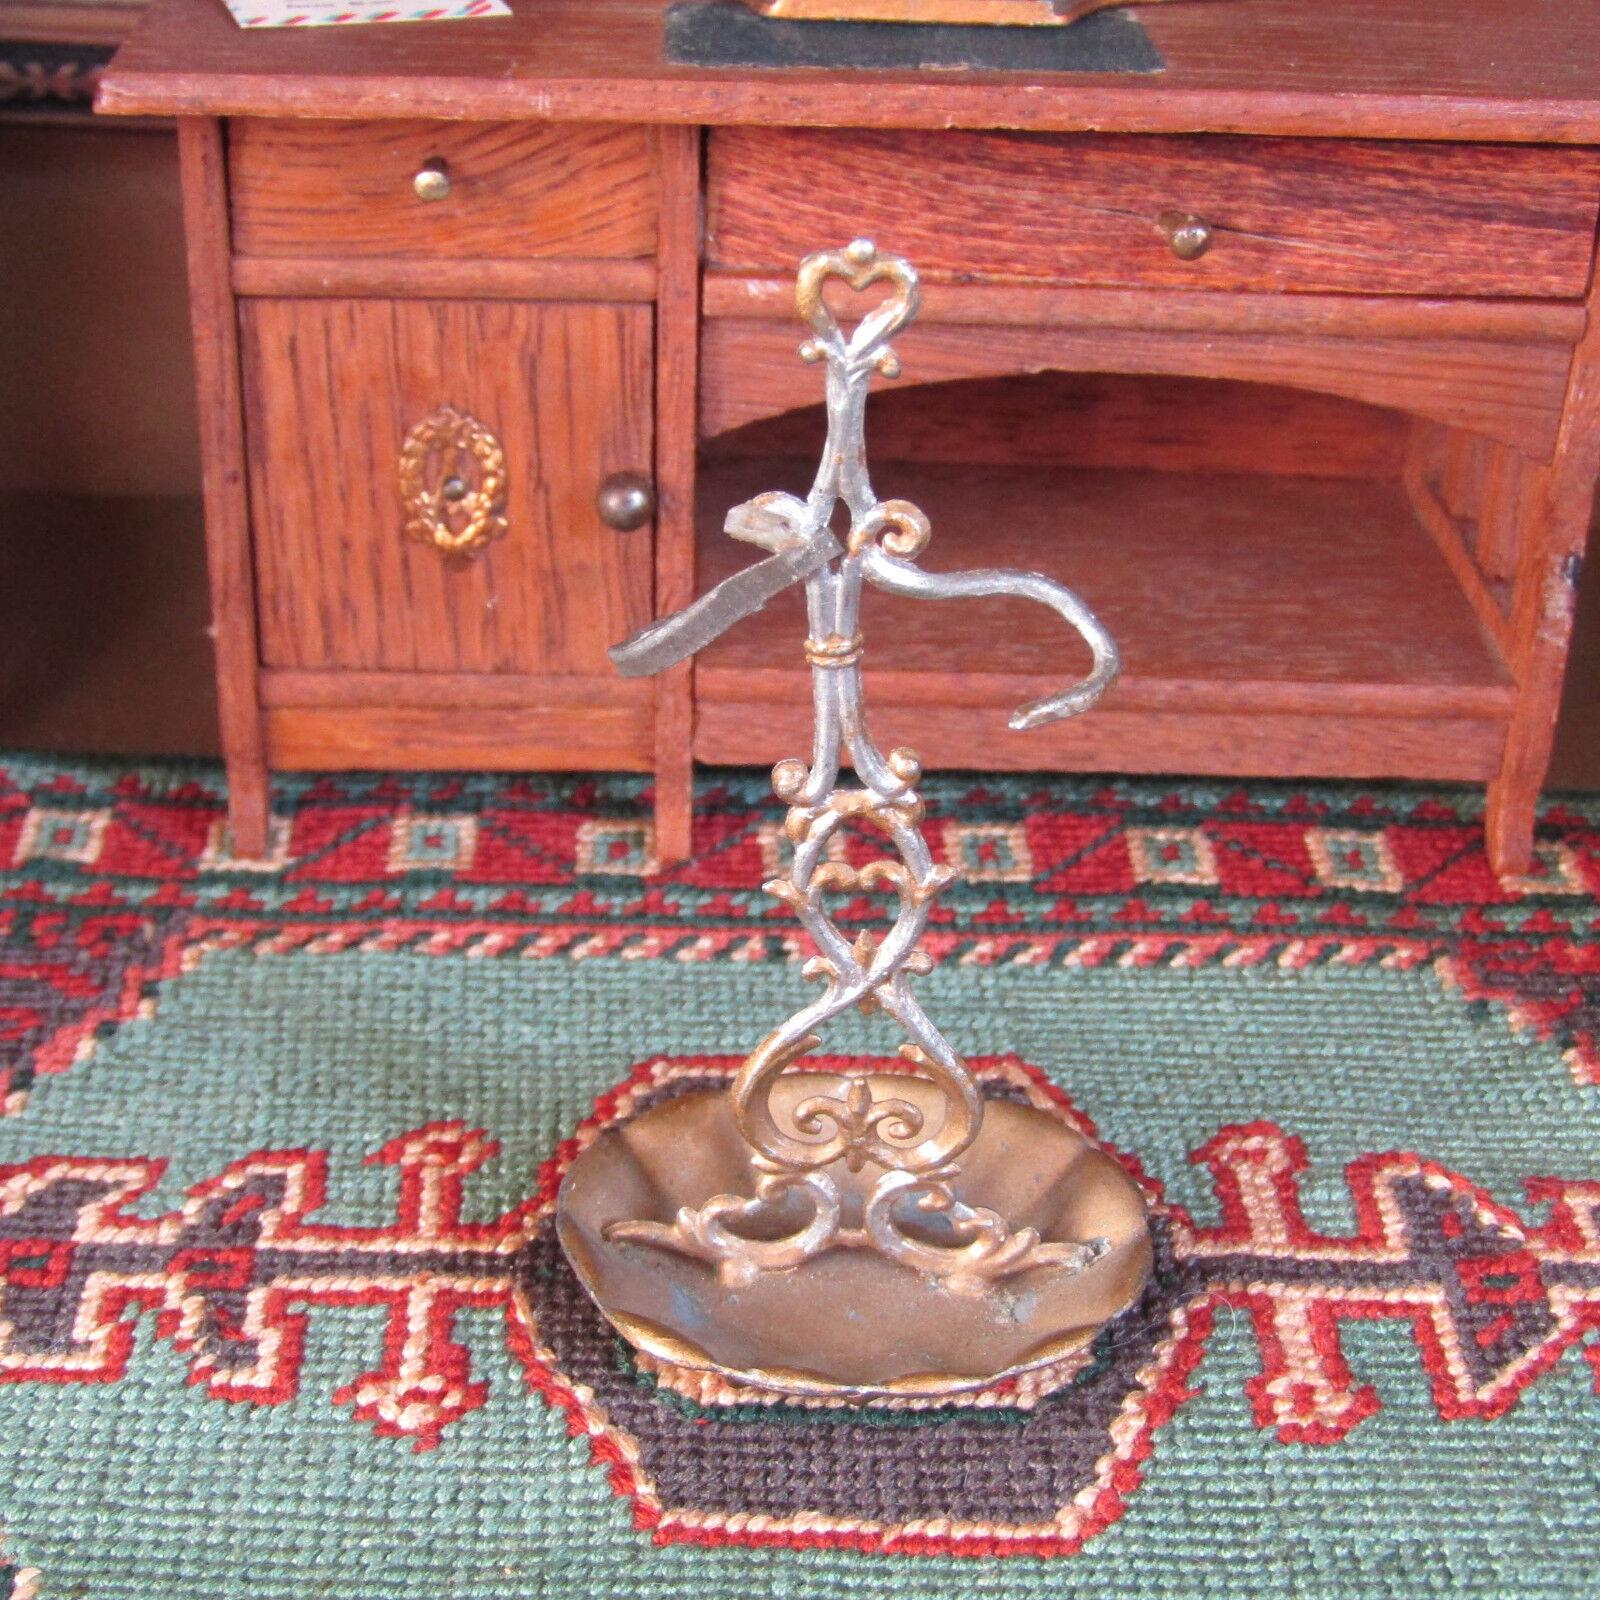 Antique BABETTE SCHWEIZER FIREPLACE strumentoS strumentoS strumentoS bambolahouse oro GERuomoY 1800s Victorian ba617b